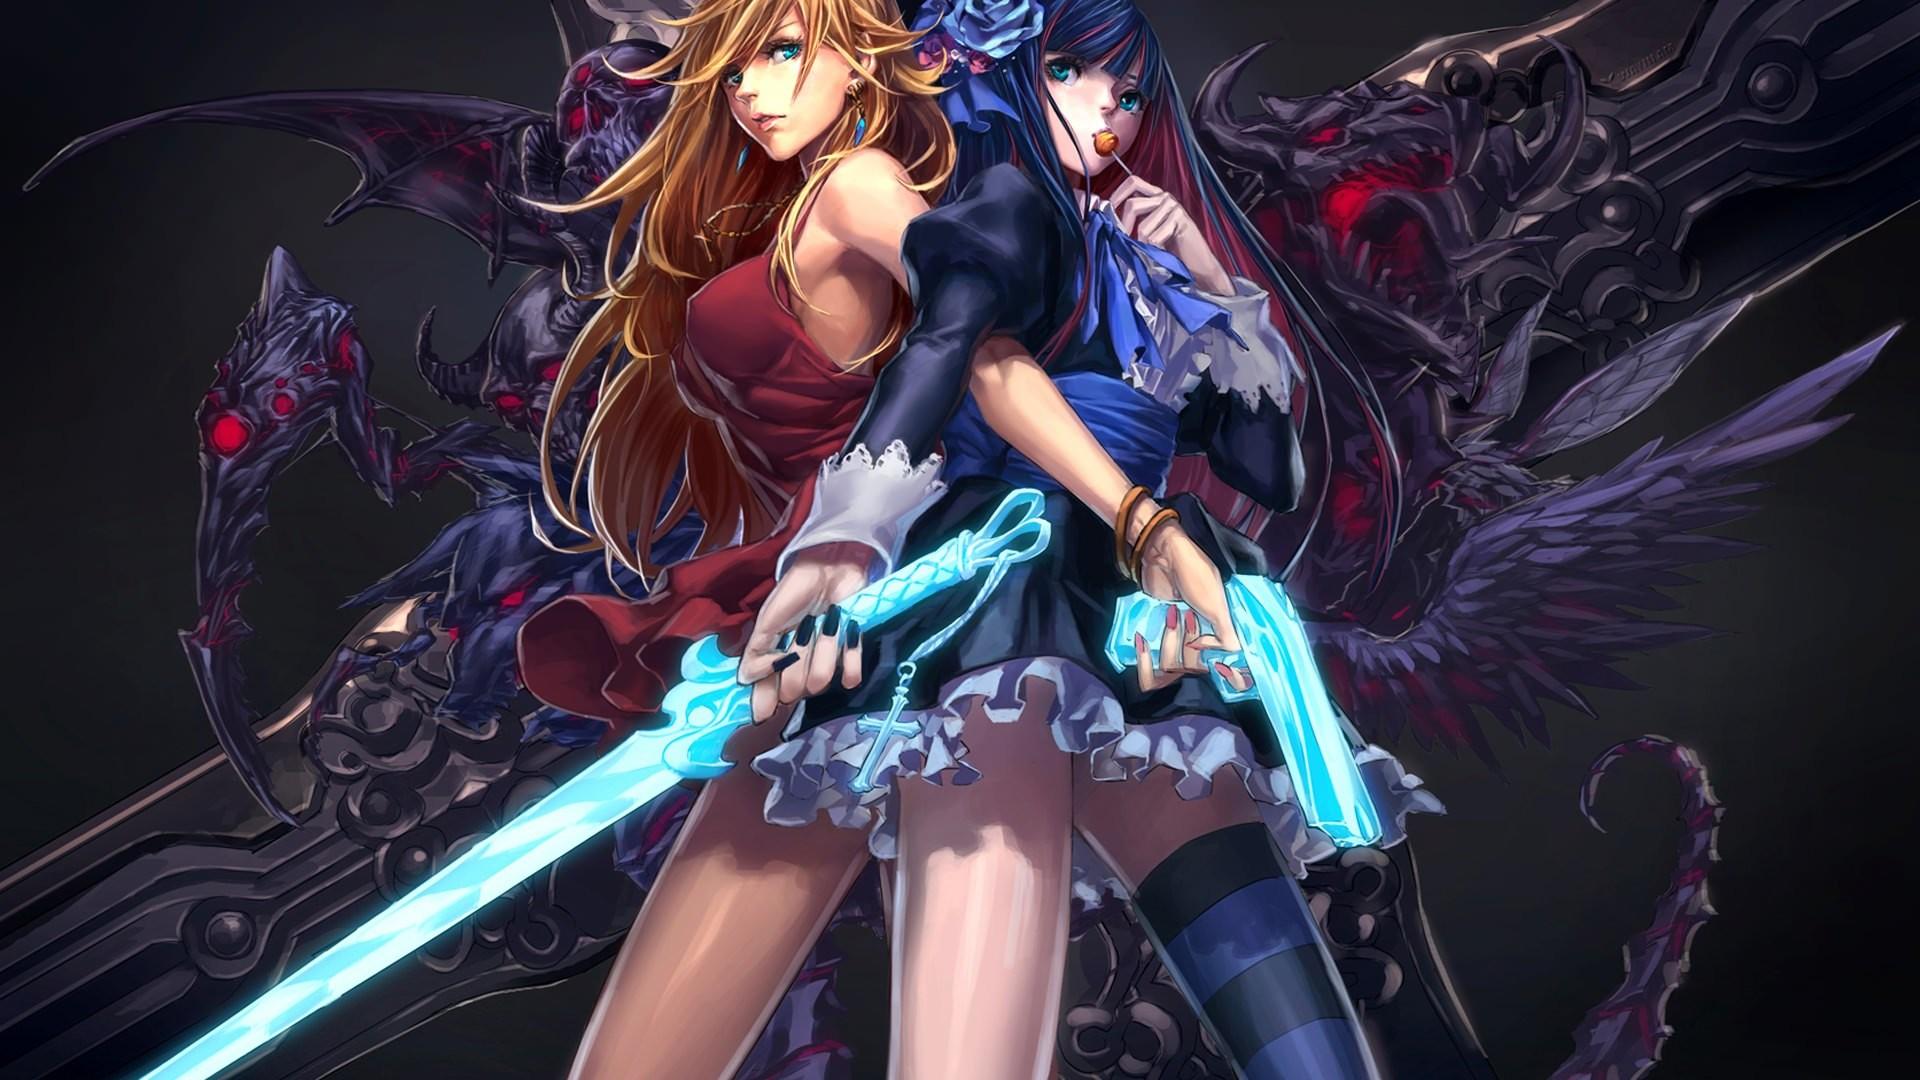 anime girl wallpaper,cg artwork,fictional character,anime,illustration,black hair